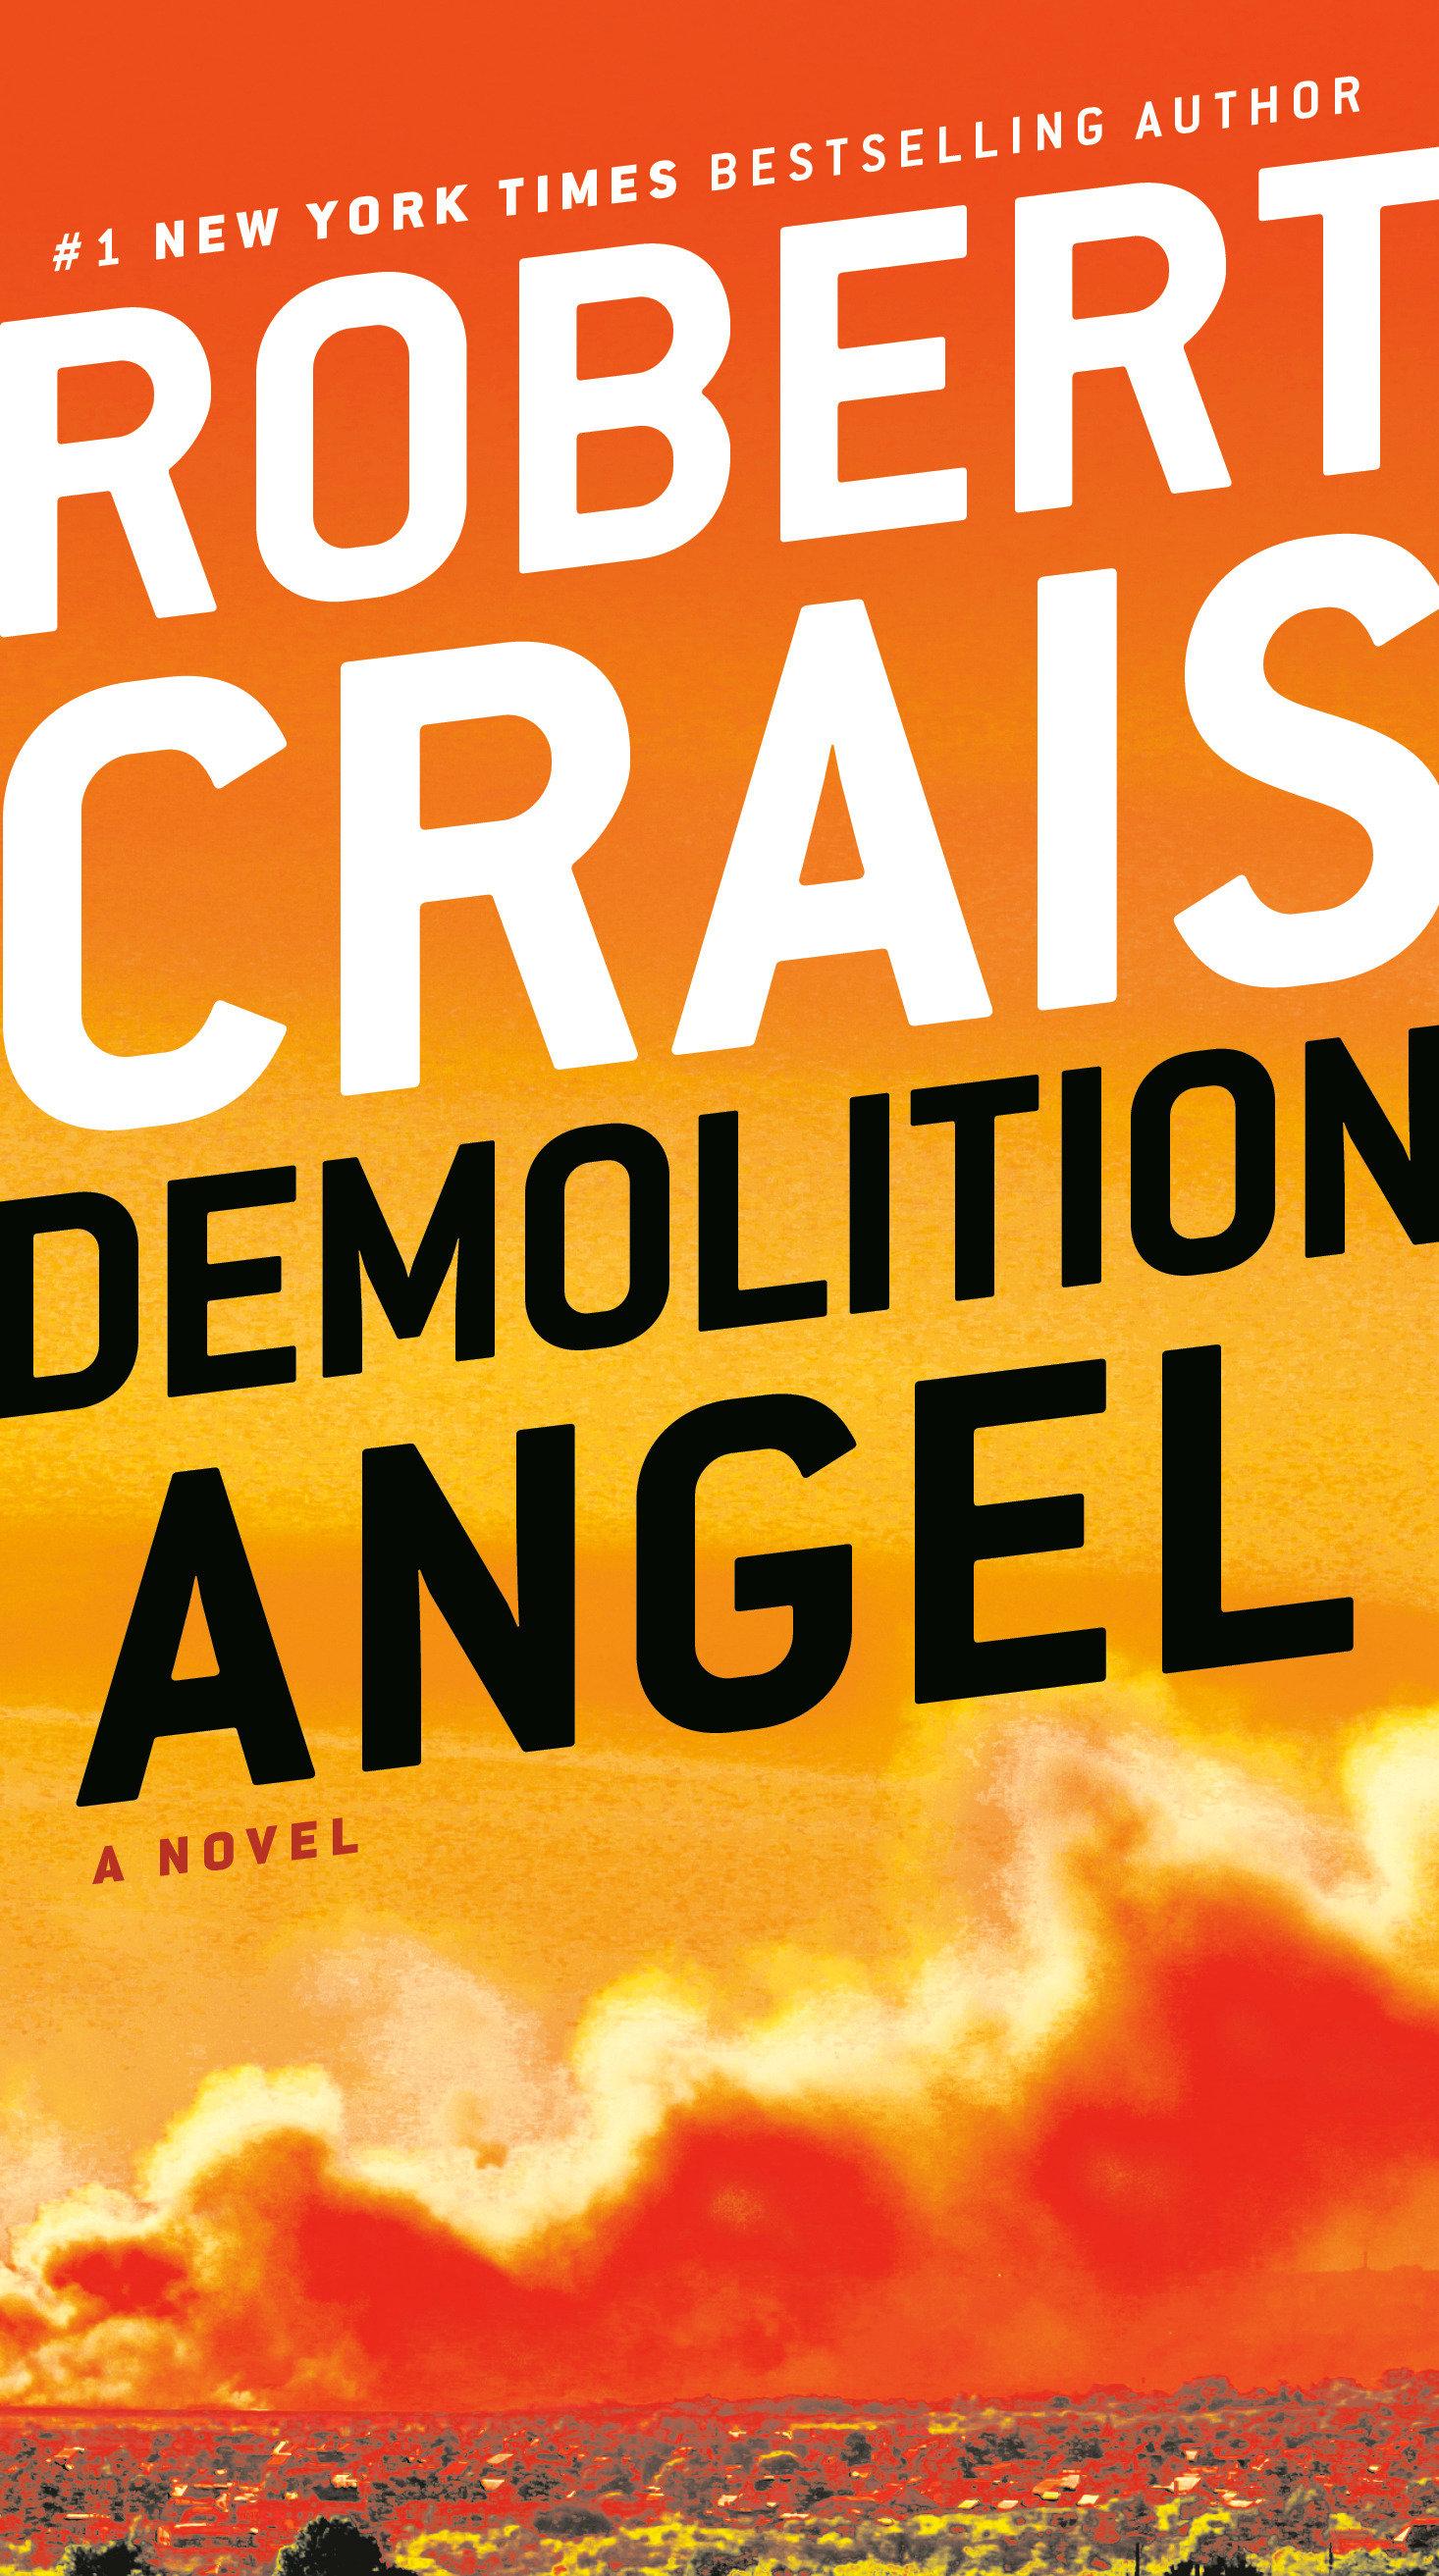 Demolition angel cover image